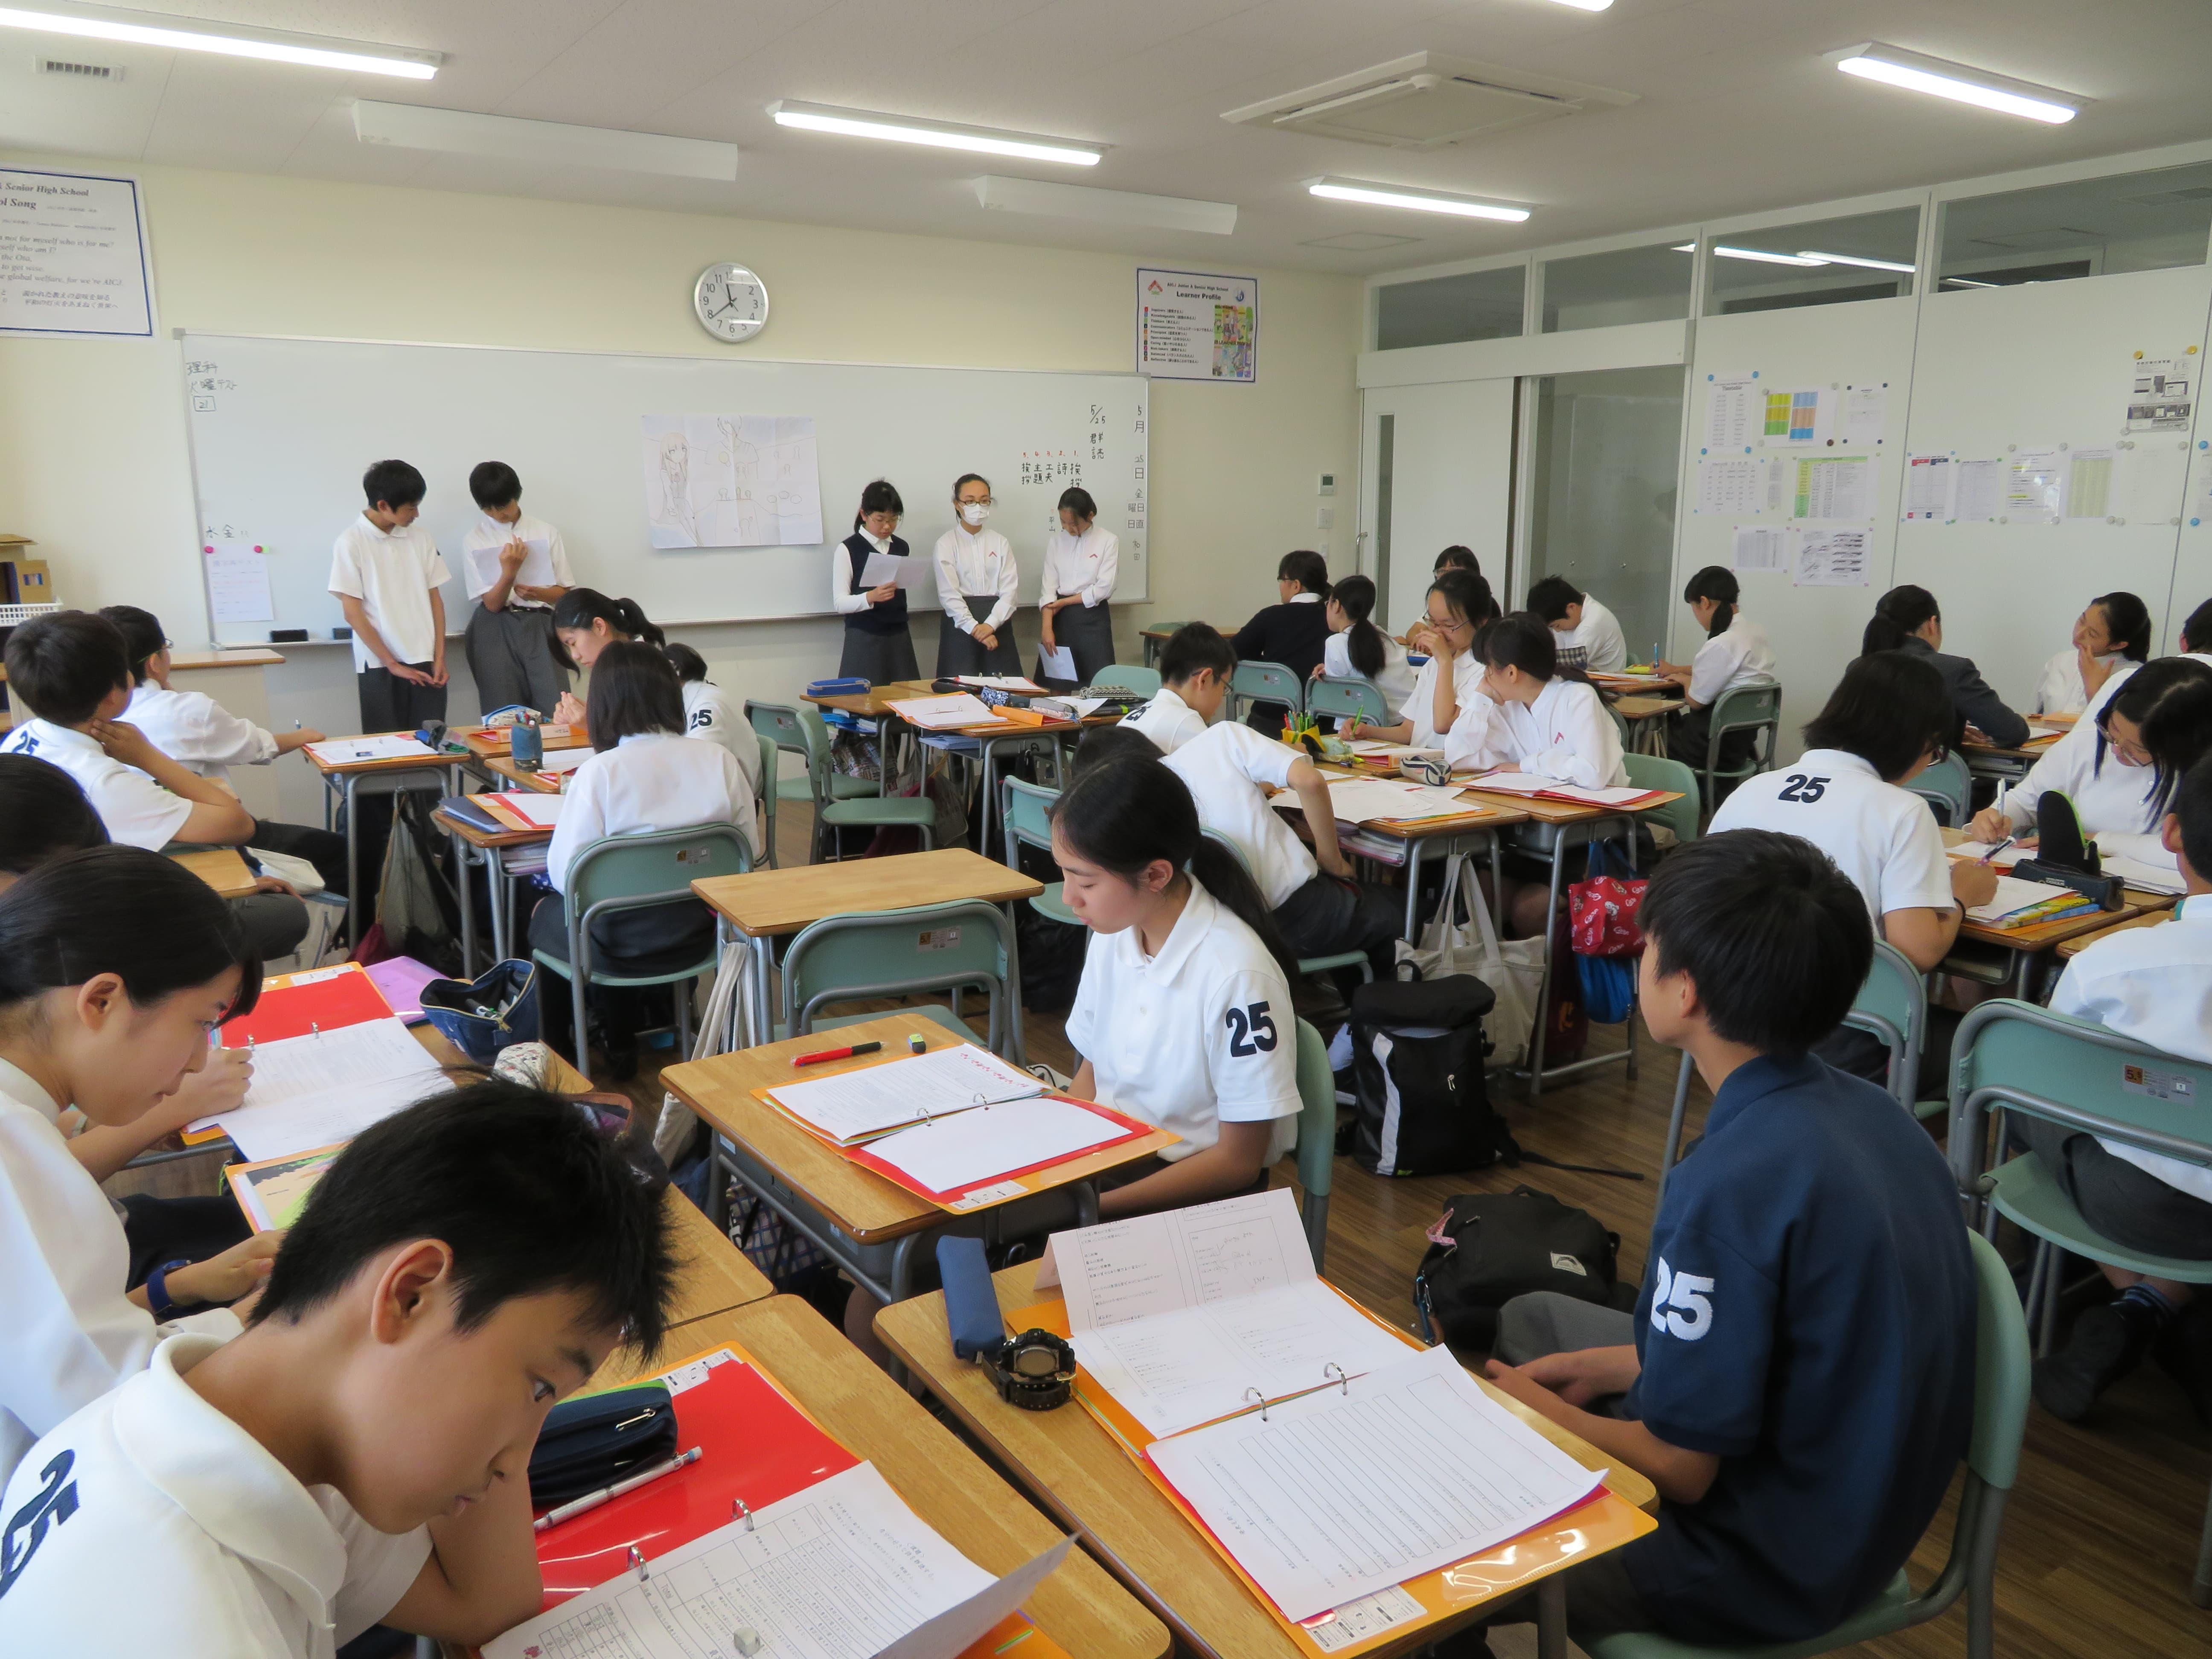 授業の様子(G8国語)